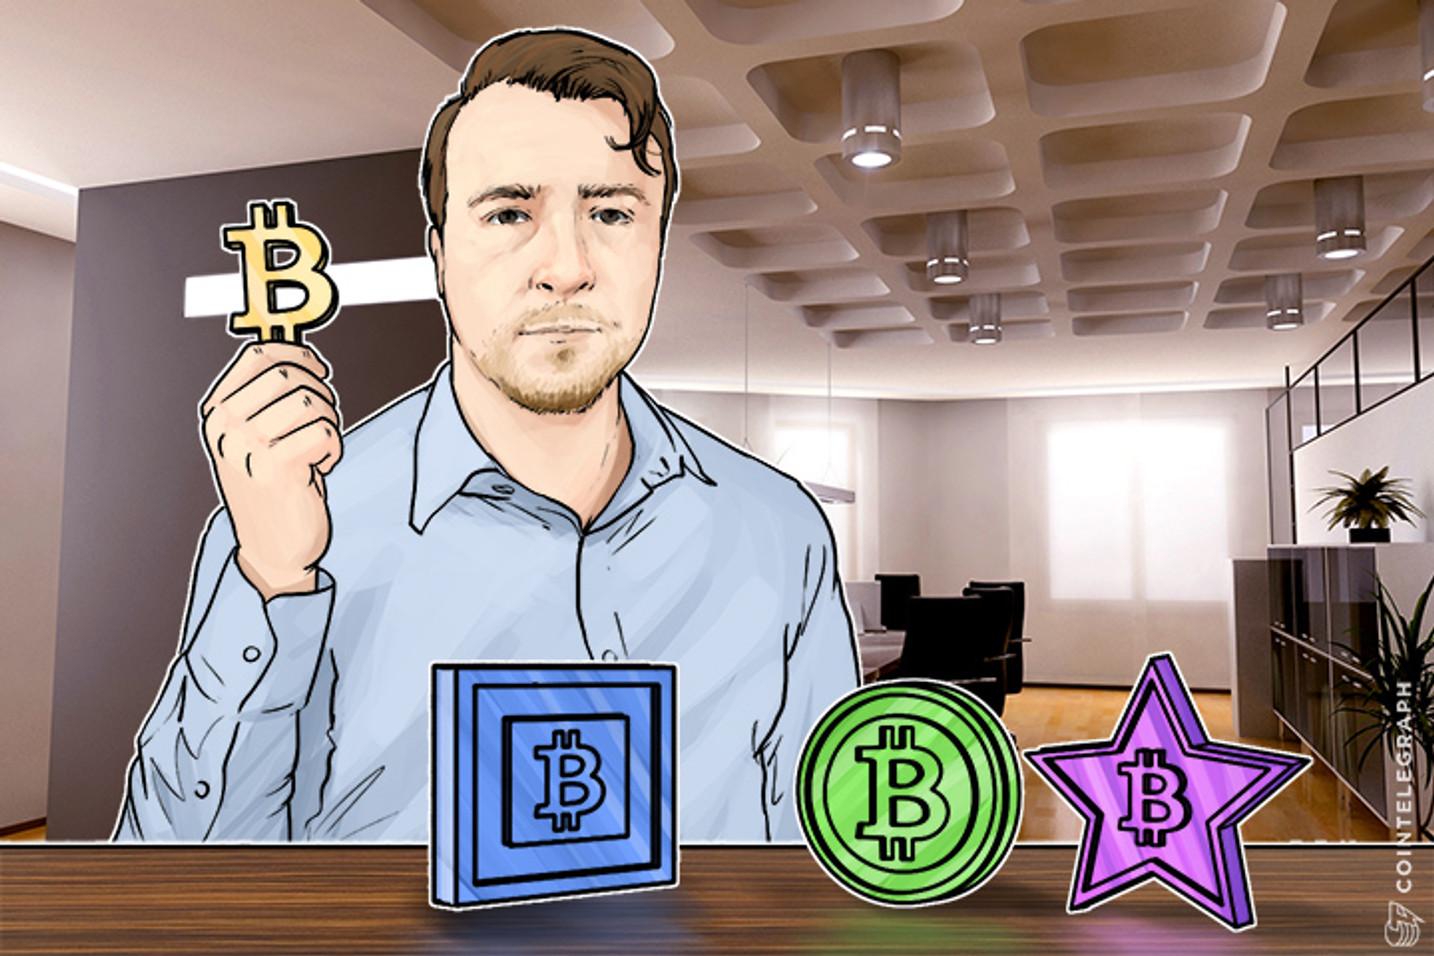 bitcoin elemzi btc bch támadás